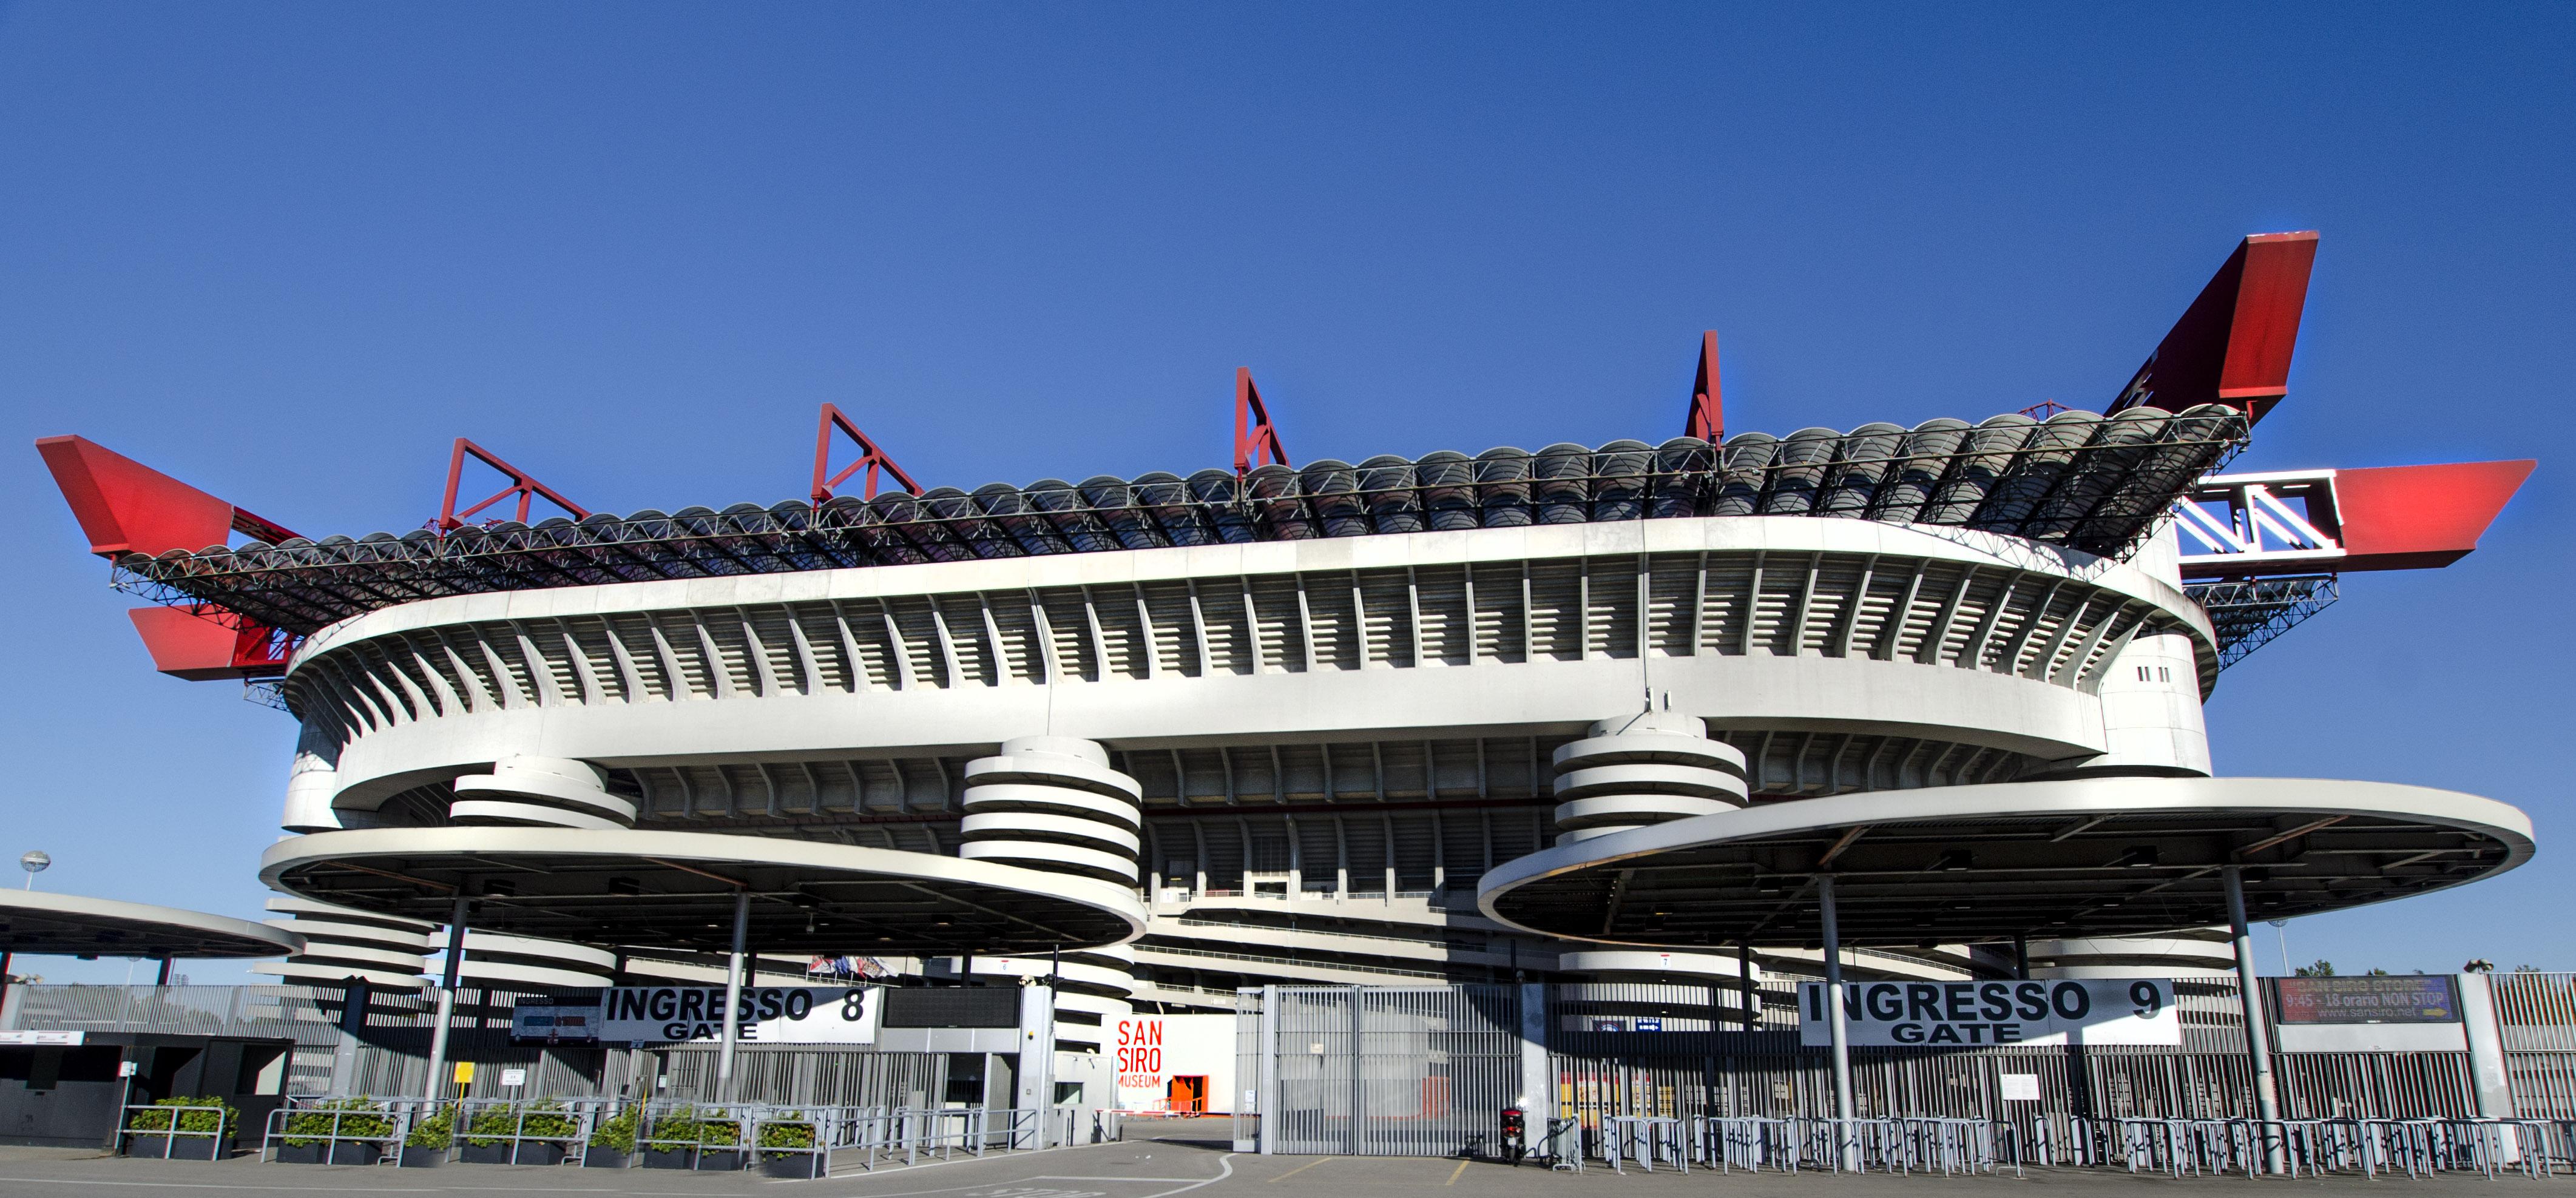 Estádio Giuseppe Meazza ou San Siro